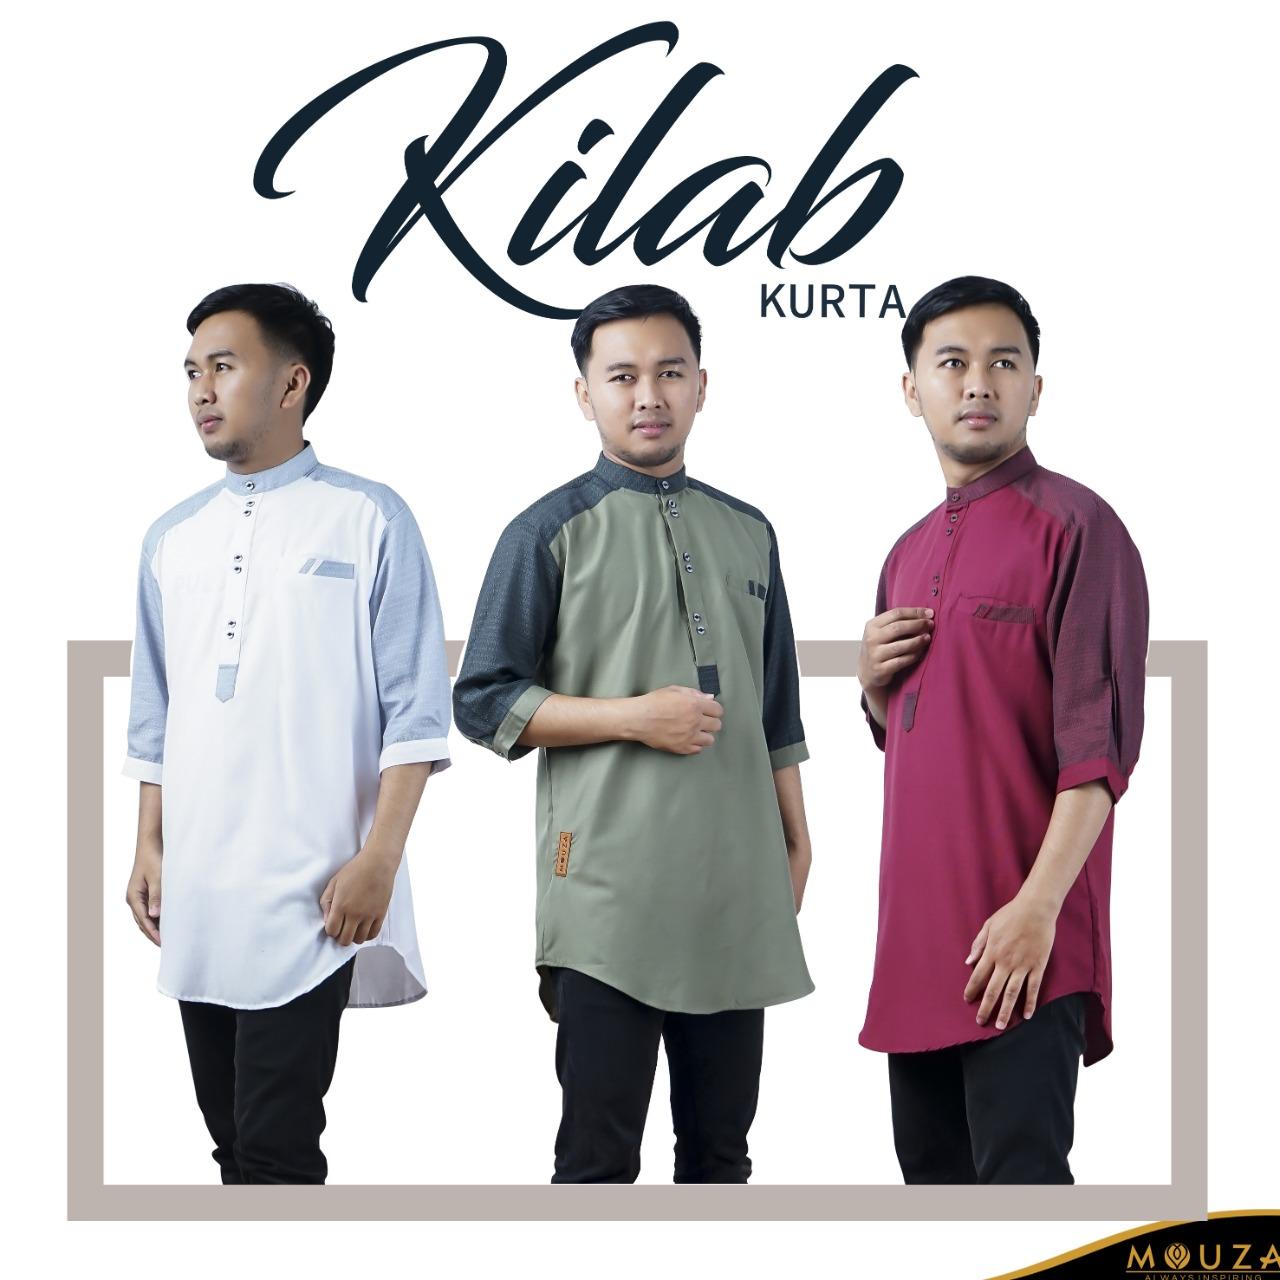 Kurta Kilab